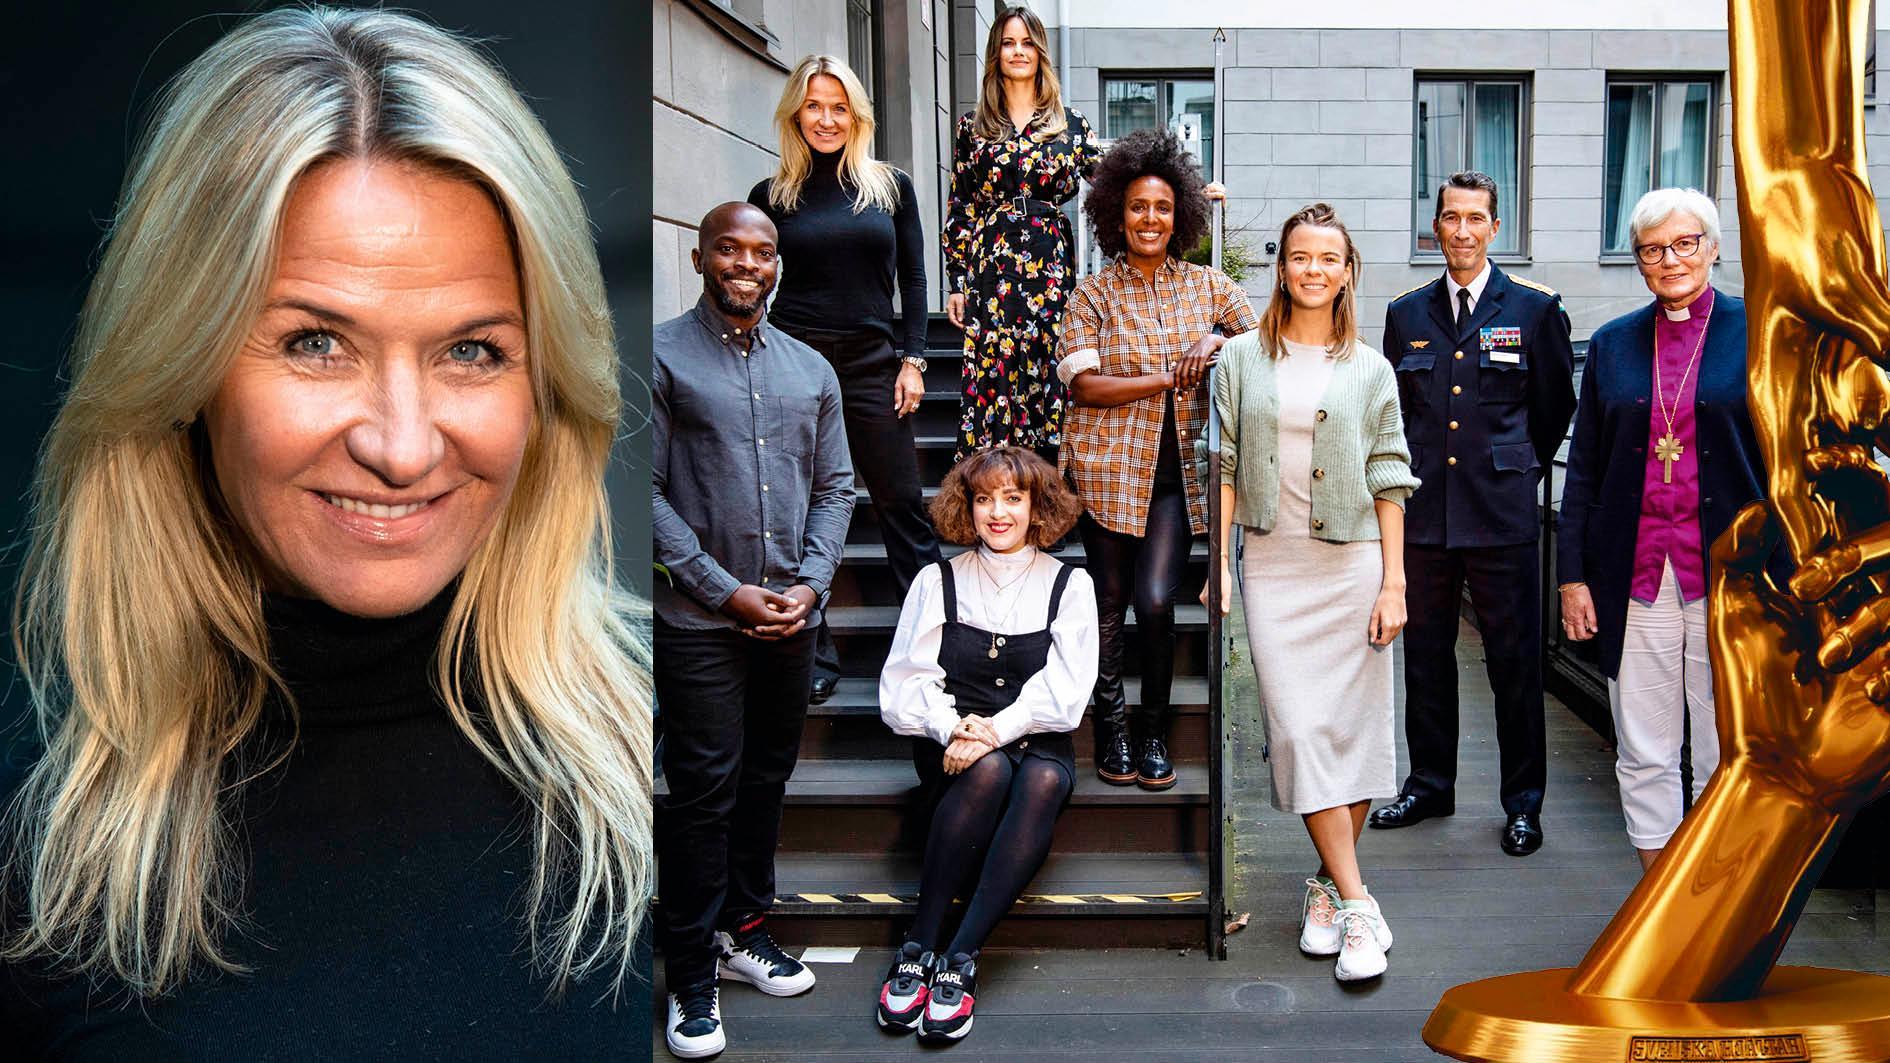 Svenska Hjältar-juryn leds av ordförande Kristin Kaspersen. Kodjo Akolor, prinsessan Sofia, Shima Niavarani, Marika Carlsson, Margaux Dietz, ÖB Micael Bydén, ärkebiskop Antje Jackelén samt (ej med i bild) Morgan Alling och Janne Andersson är med i årets jury.